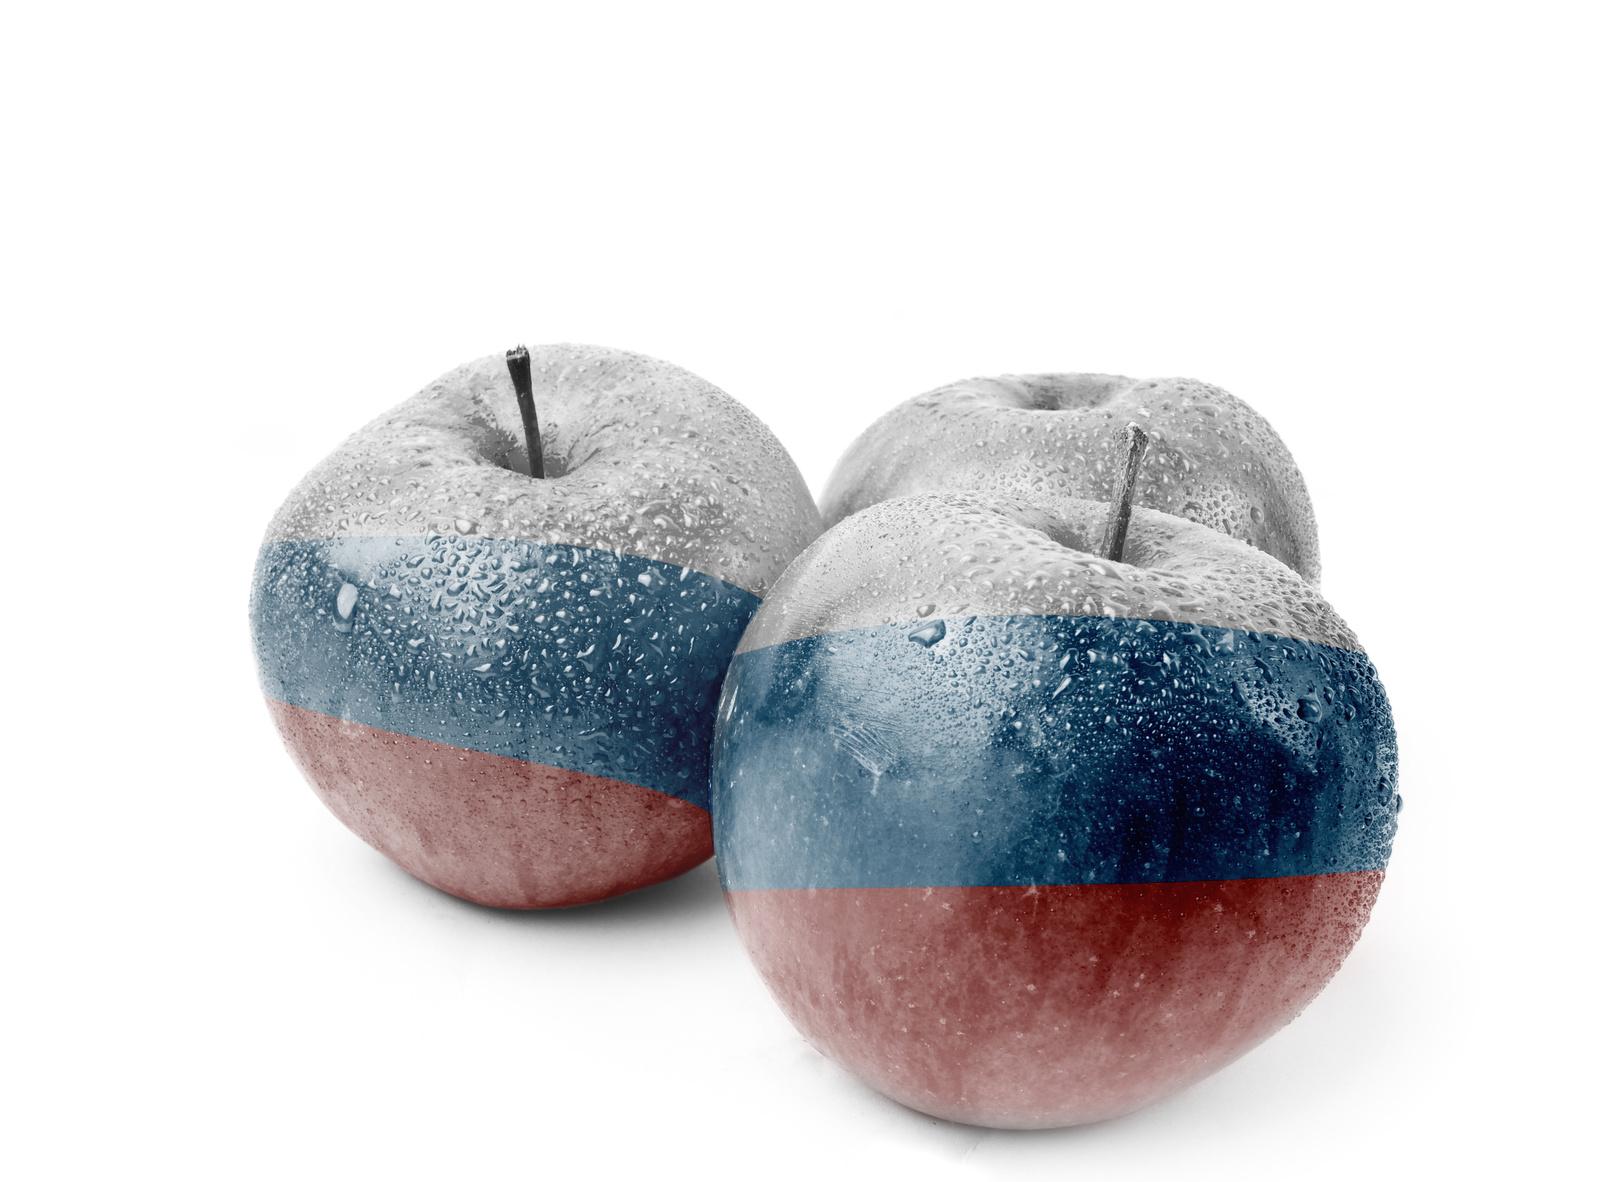 Rosja będzie niszczyć produkty rolne objęte embargiem